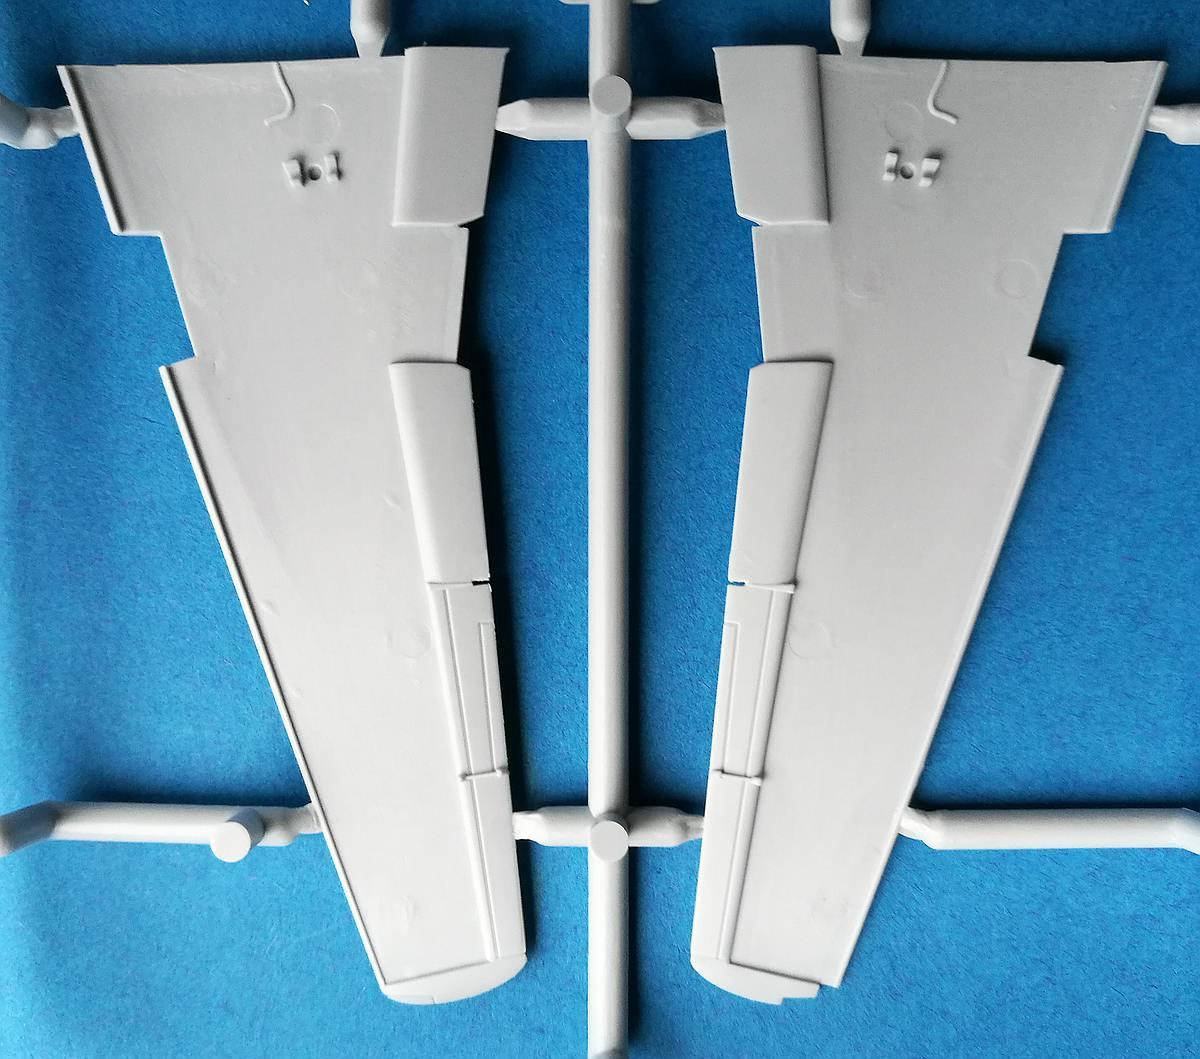 Airfix-A04062-Messerschmitt-Me-262-B-1a-26 Messerschmitt Me 262 B-1a im Maßstab 1:72 von Airfix A04062